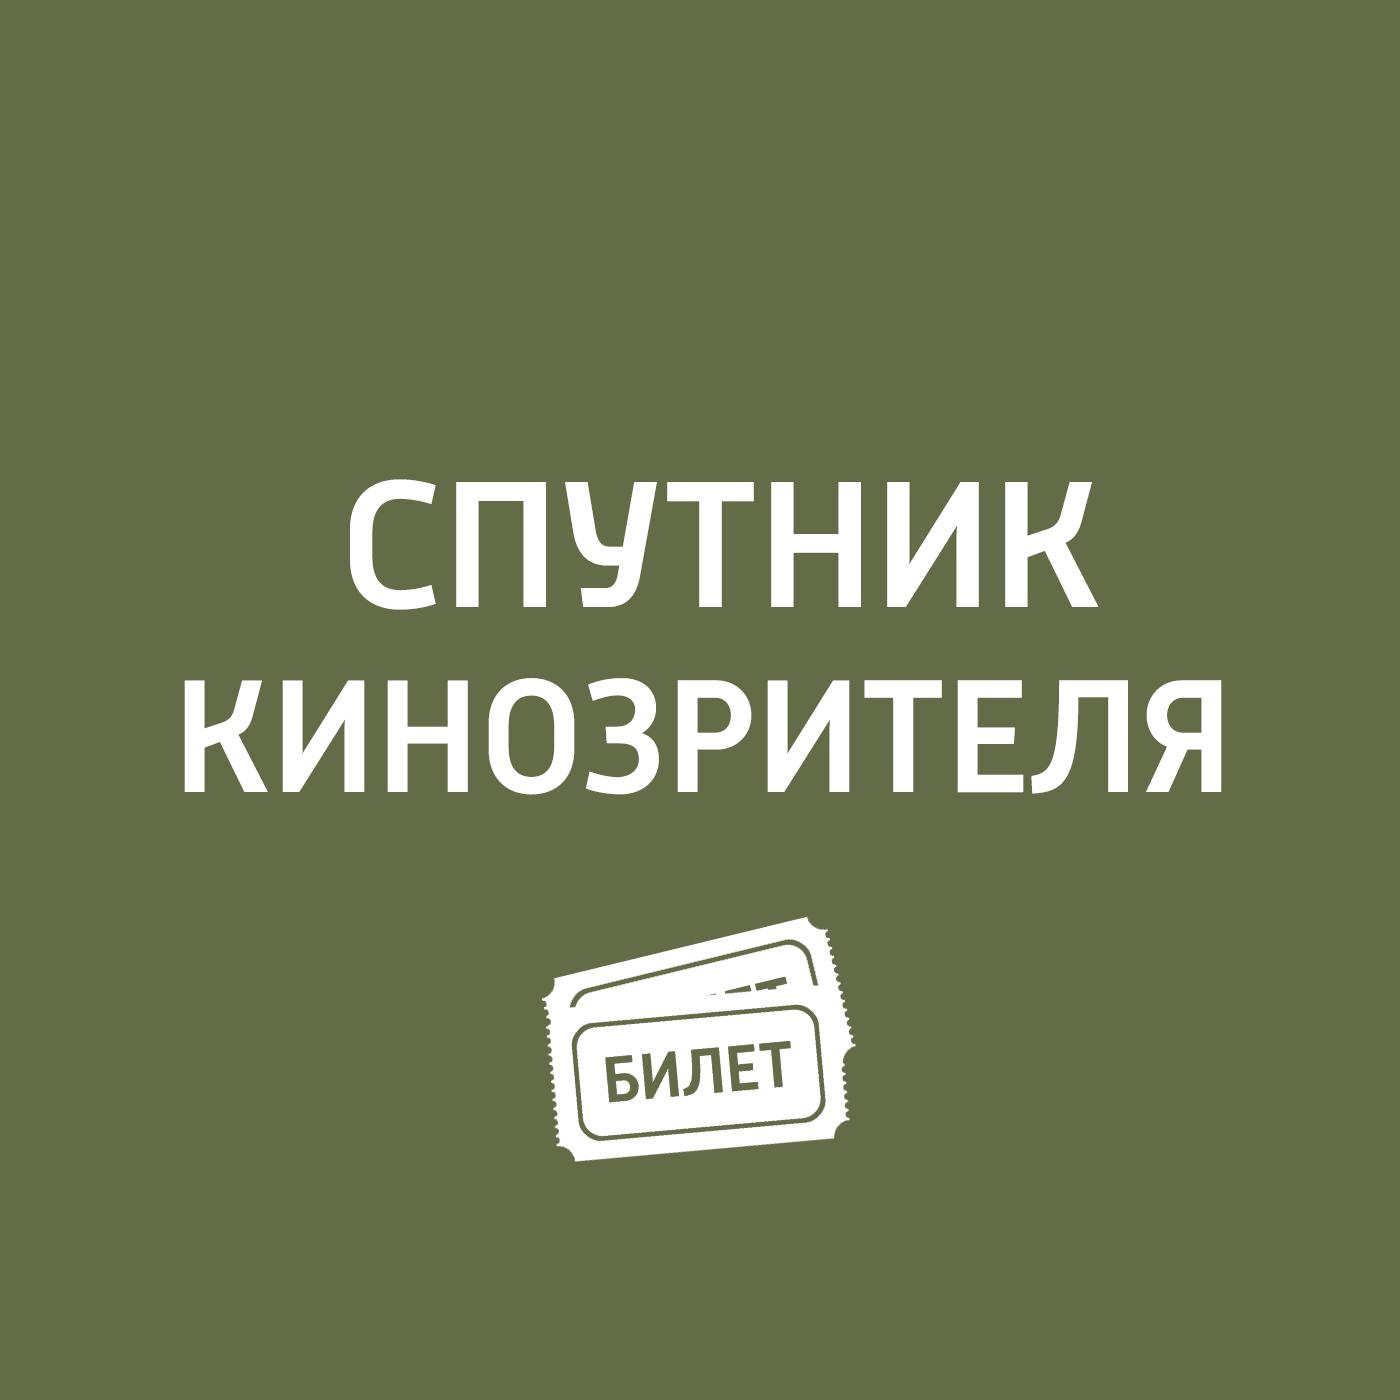 Антон Долин Лучшее. Грегори Пек антон долин лучшее малхолланд драйв